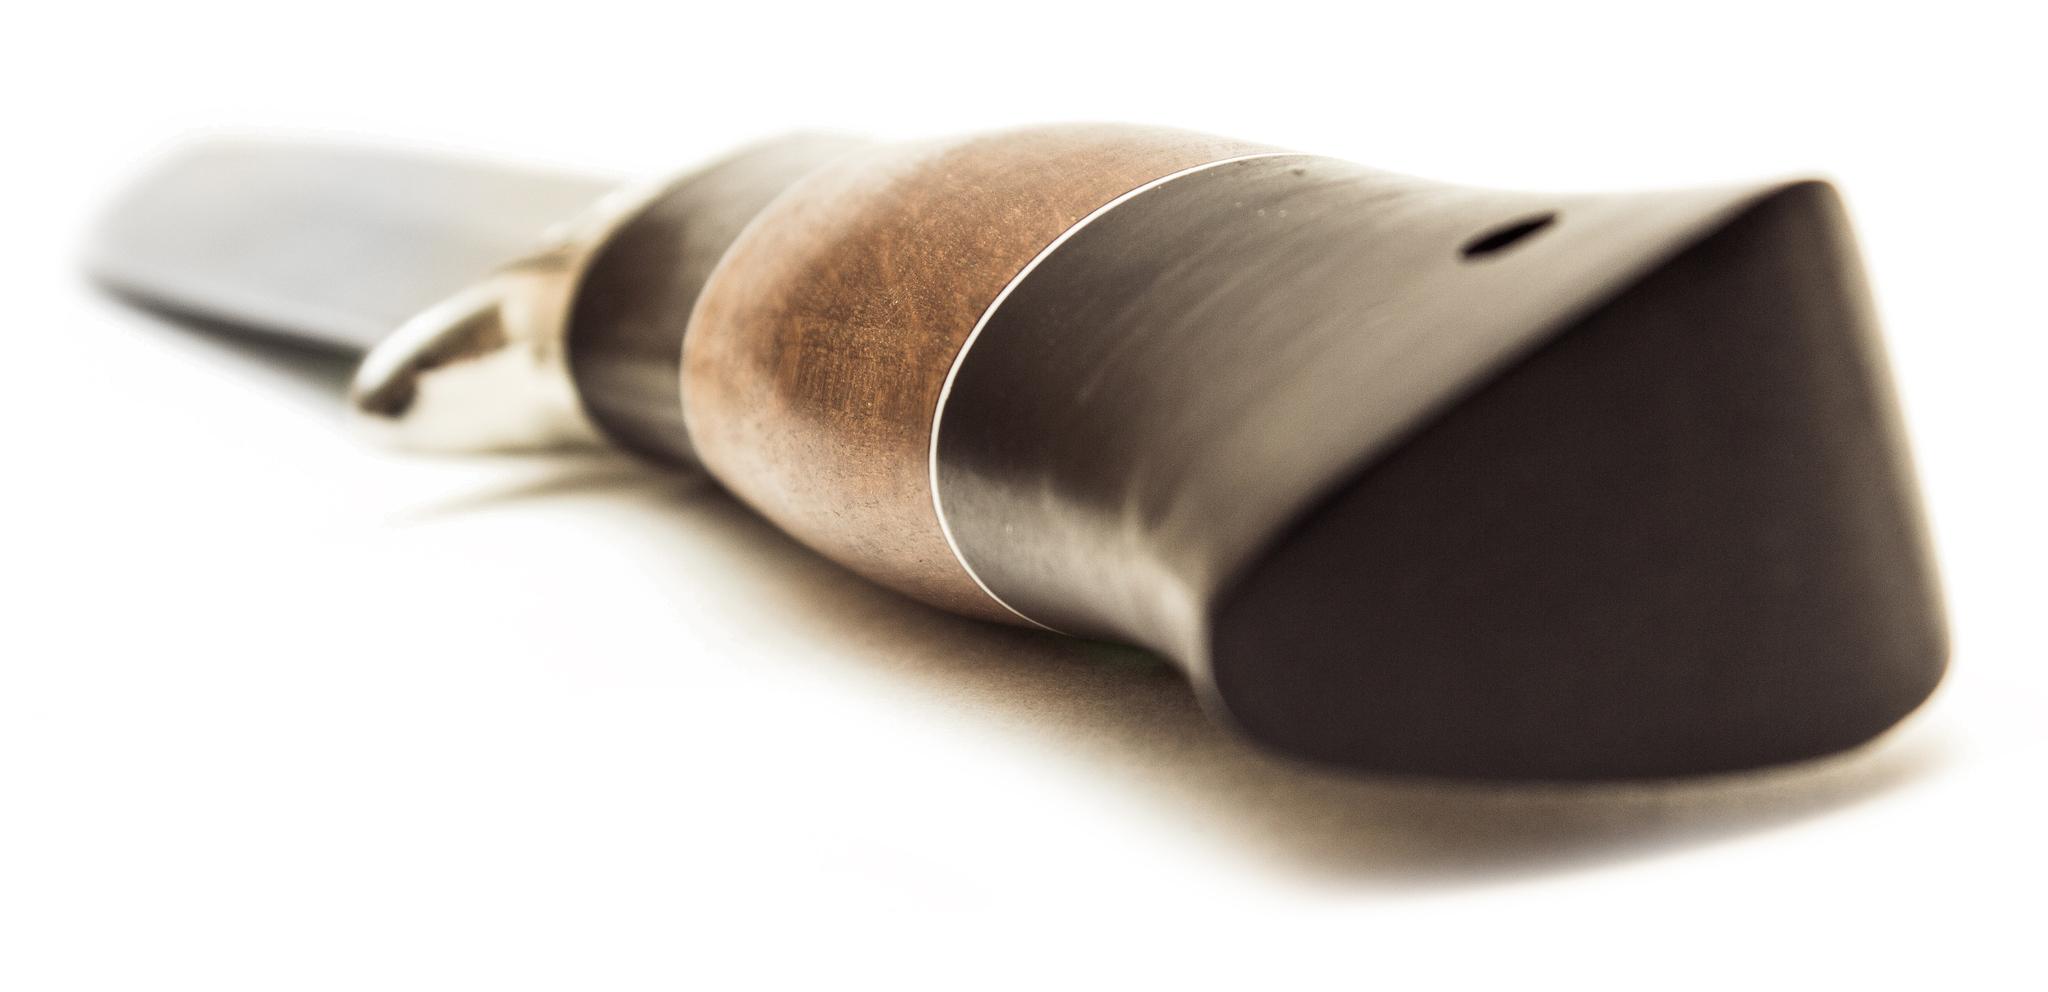 Фото 8 - Нож Беркут, дамасская сталь от Мастерская Сковородихина